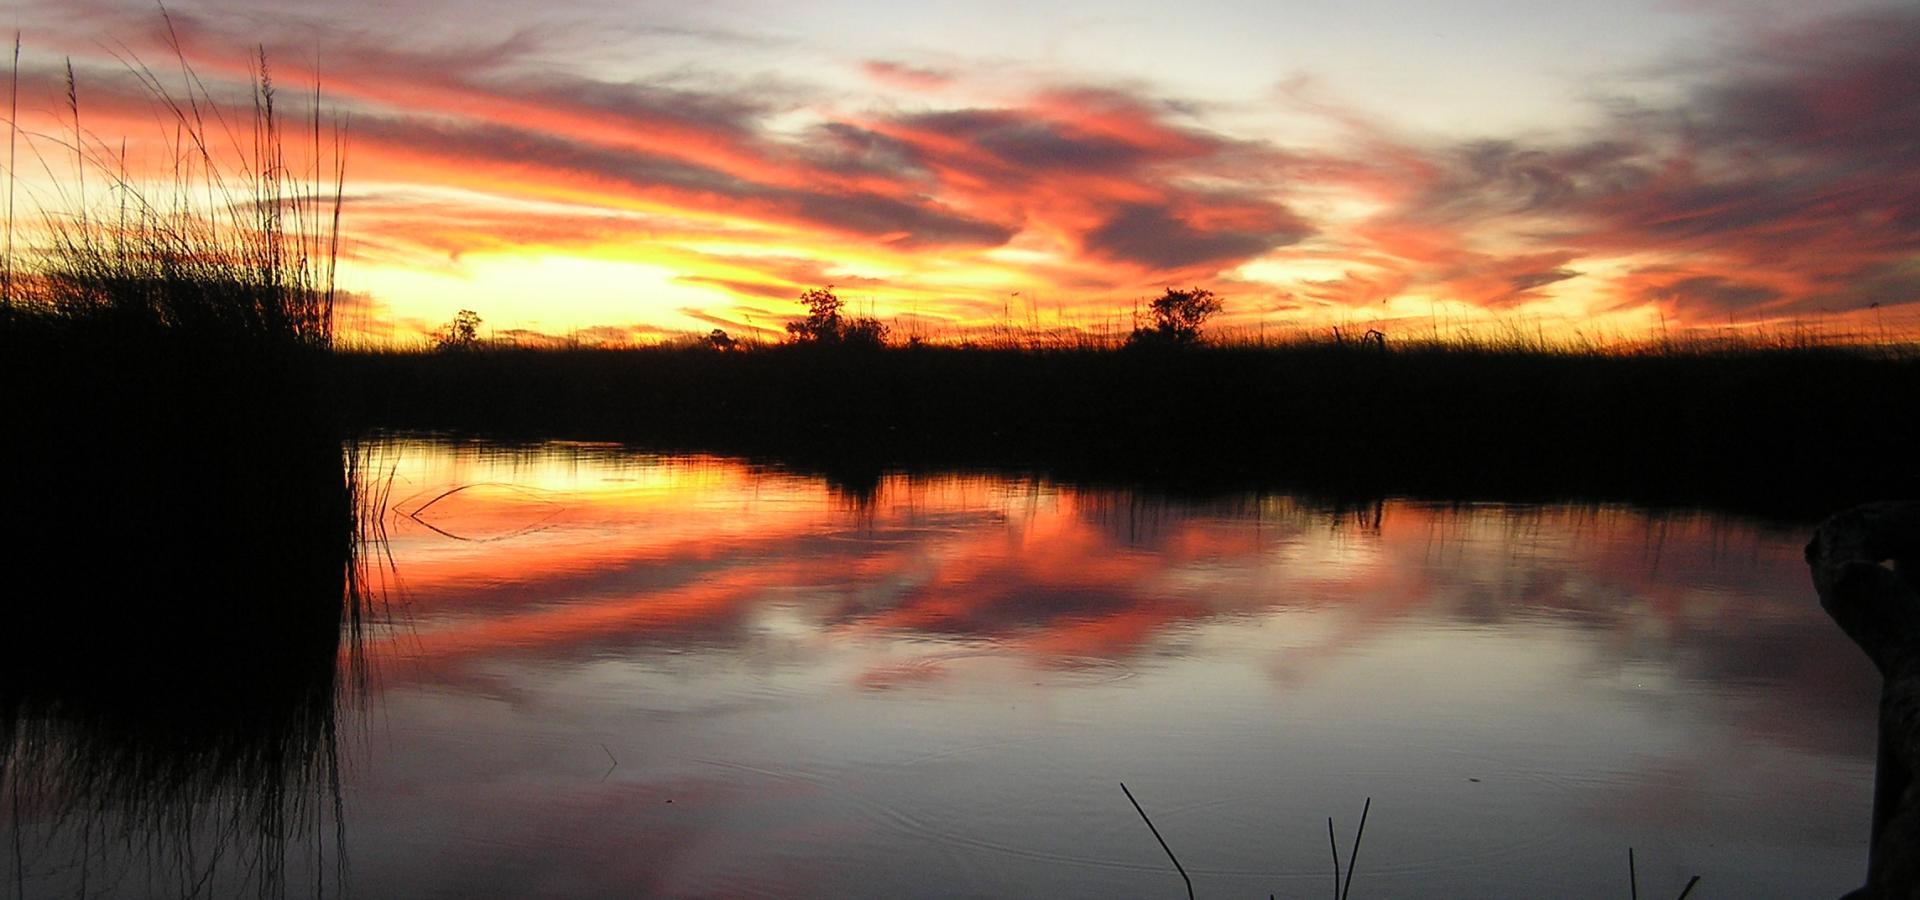 Erleben Sie atemberaubende Sonnenuntergänge im Okavango Delta in Botswana